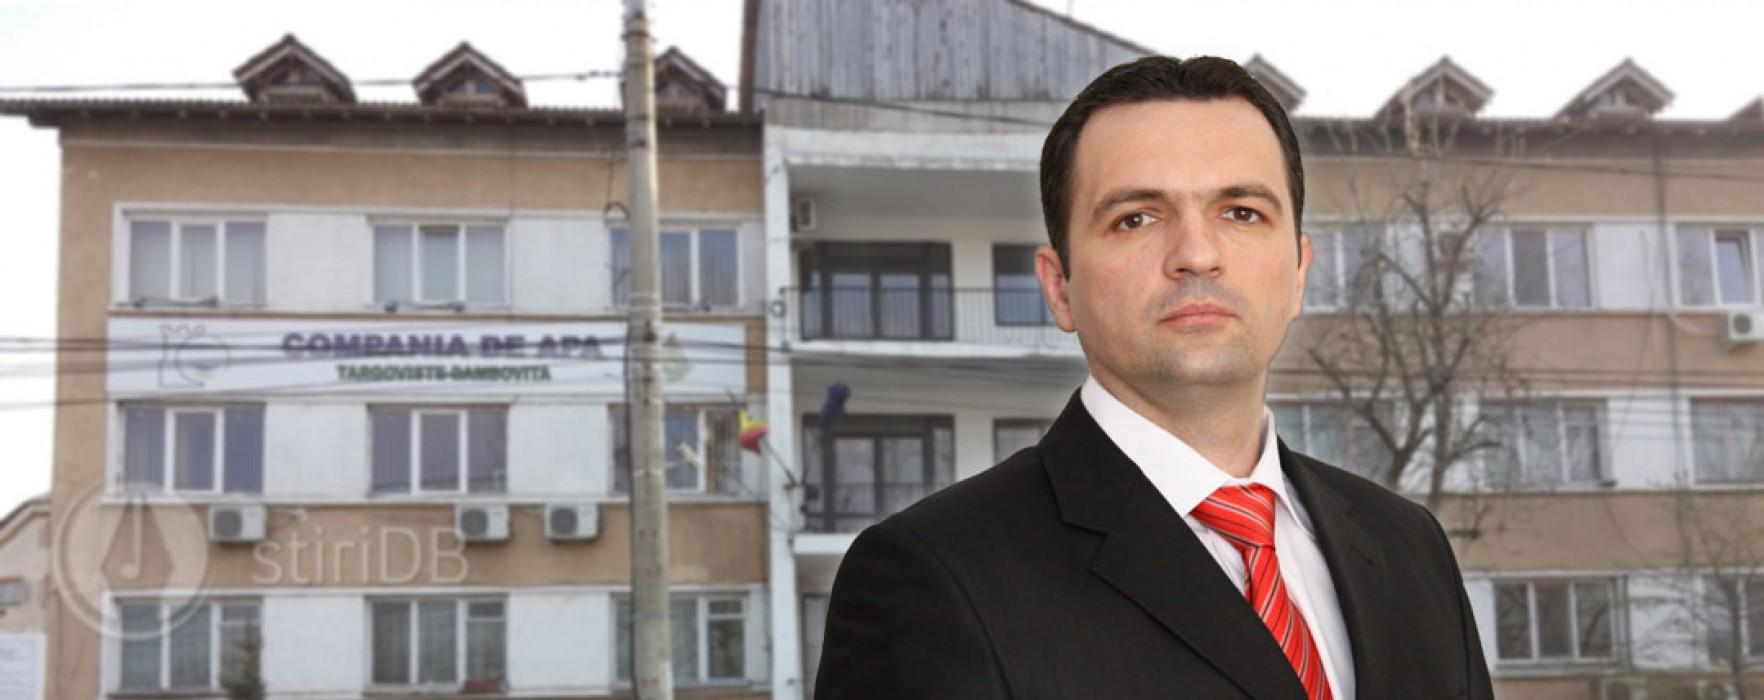 Cristian Stan, despre neregulile de la Compania de Apă; Consiliul de Administraţie ar trebui să prezinte un raport